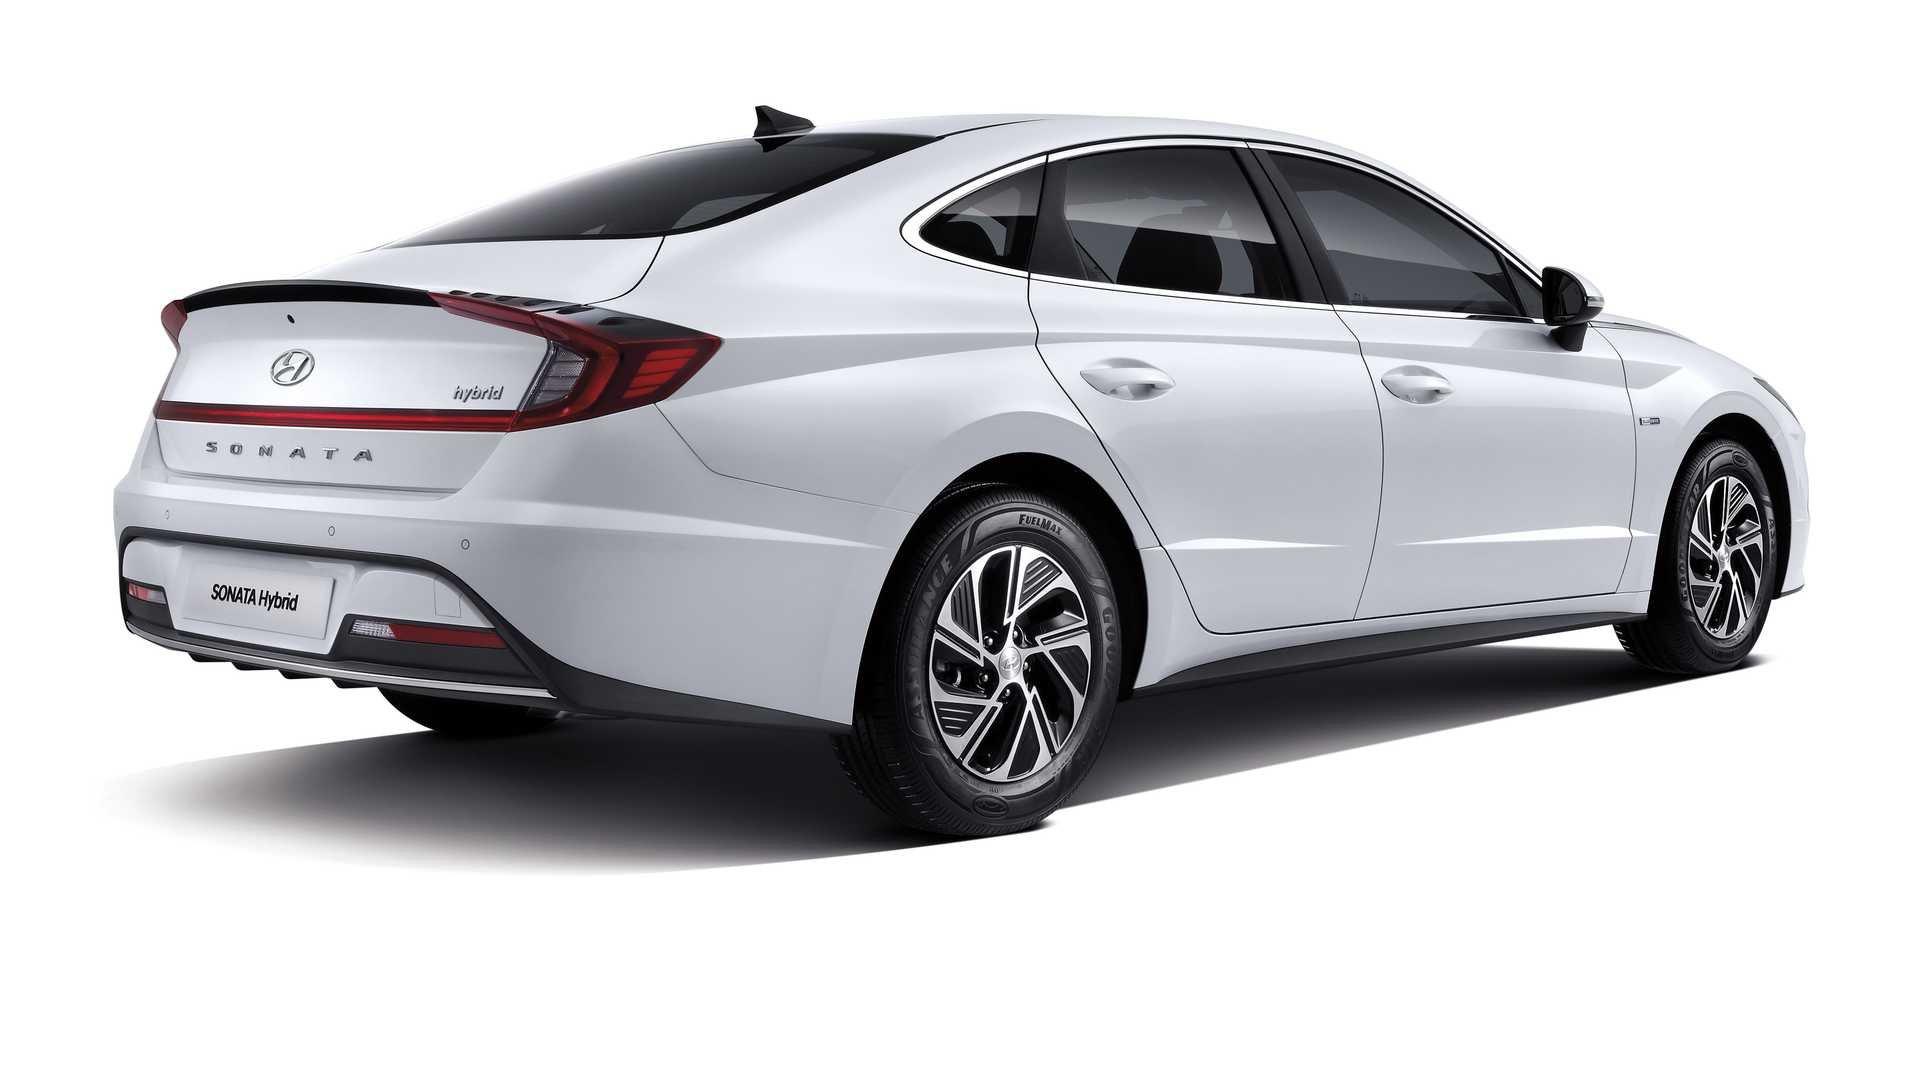 Гибридный седан Hyundai Sonata получил солнечную батарею